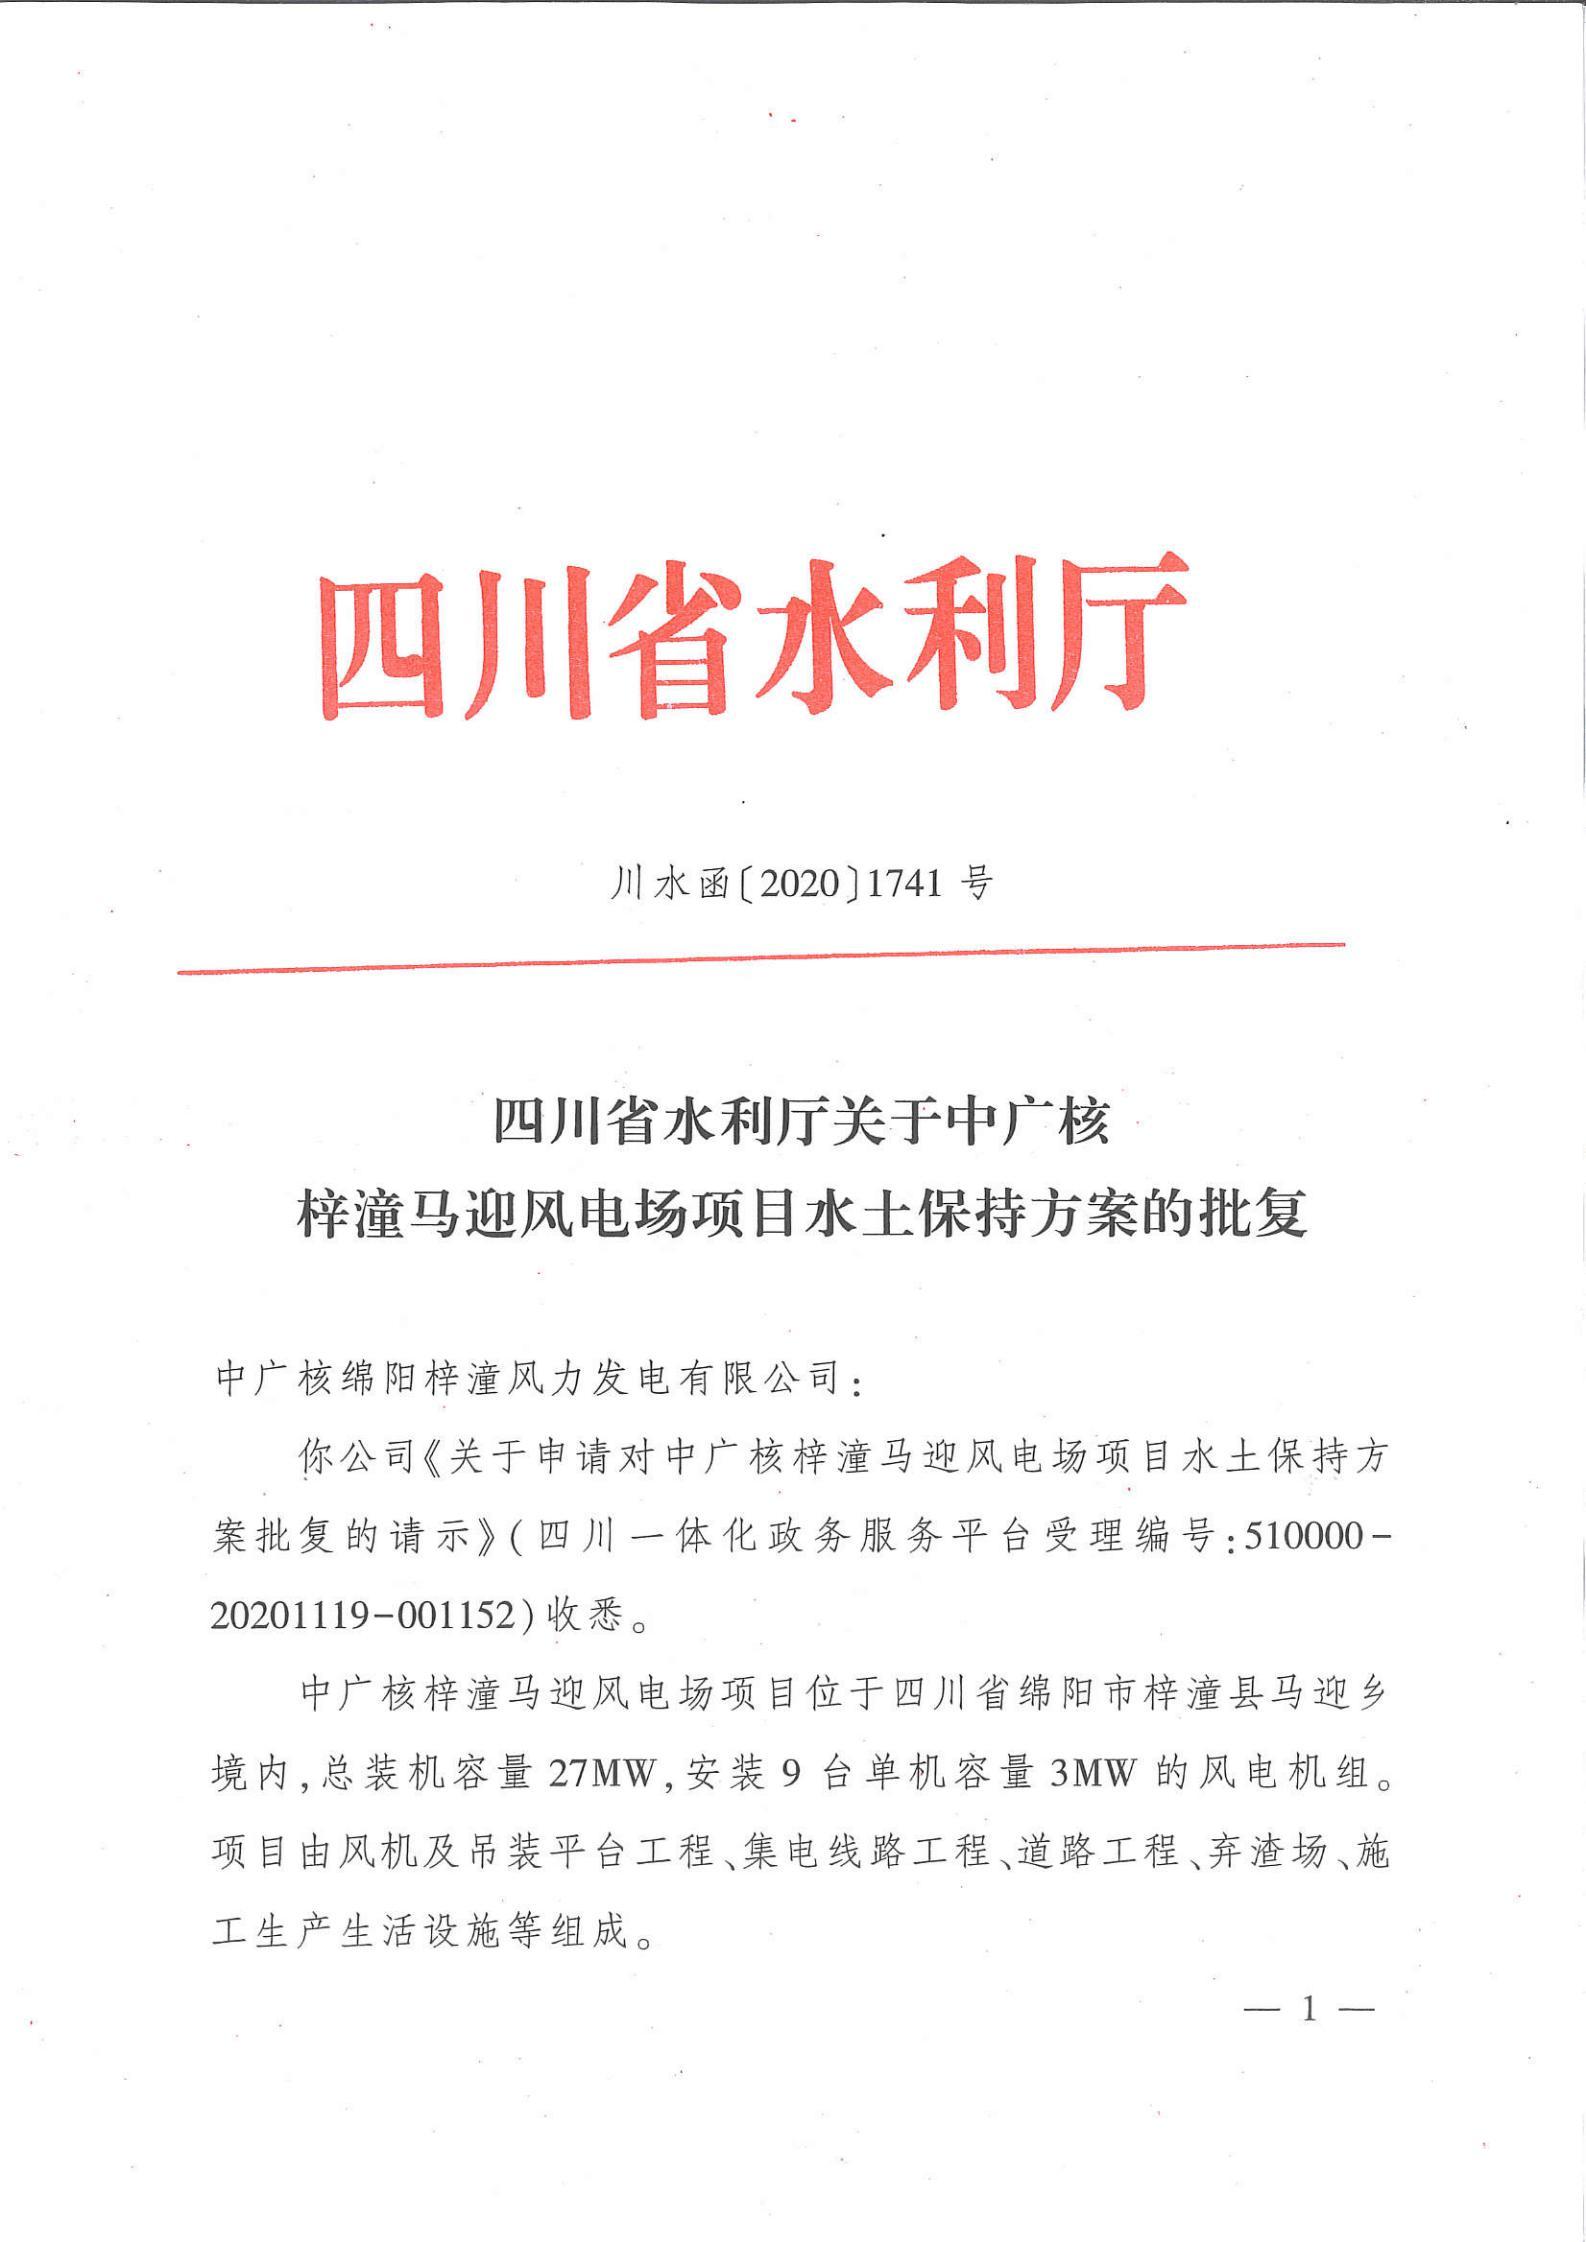 ZM2020-072 中广核梓潼马迎风电场水土保持报告编制及批复服务-批复_00.jpg